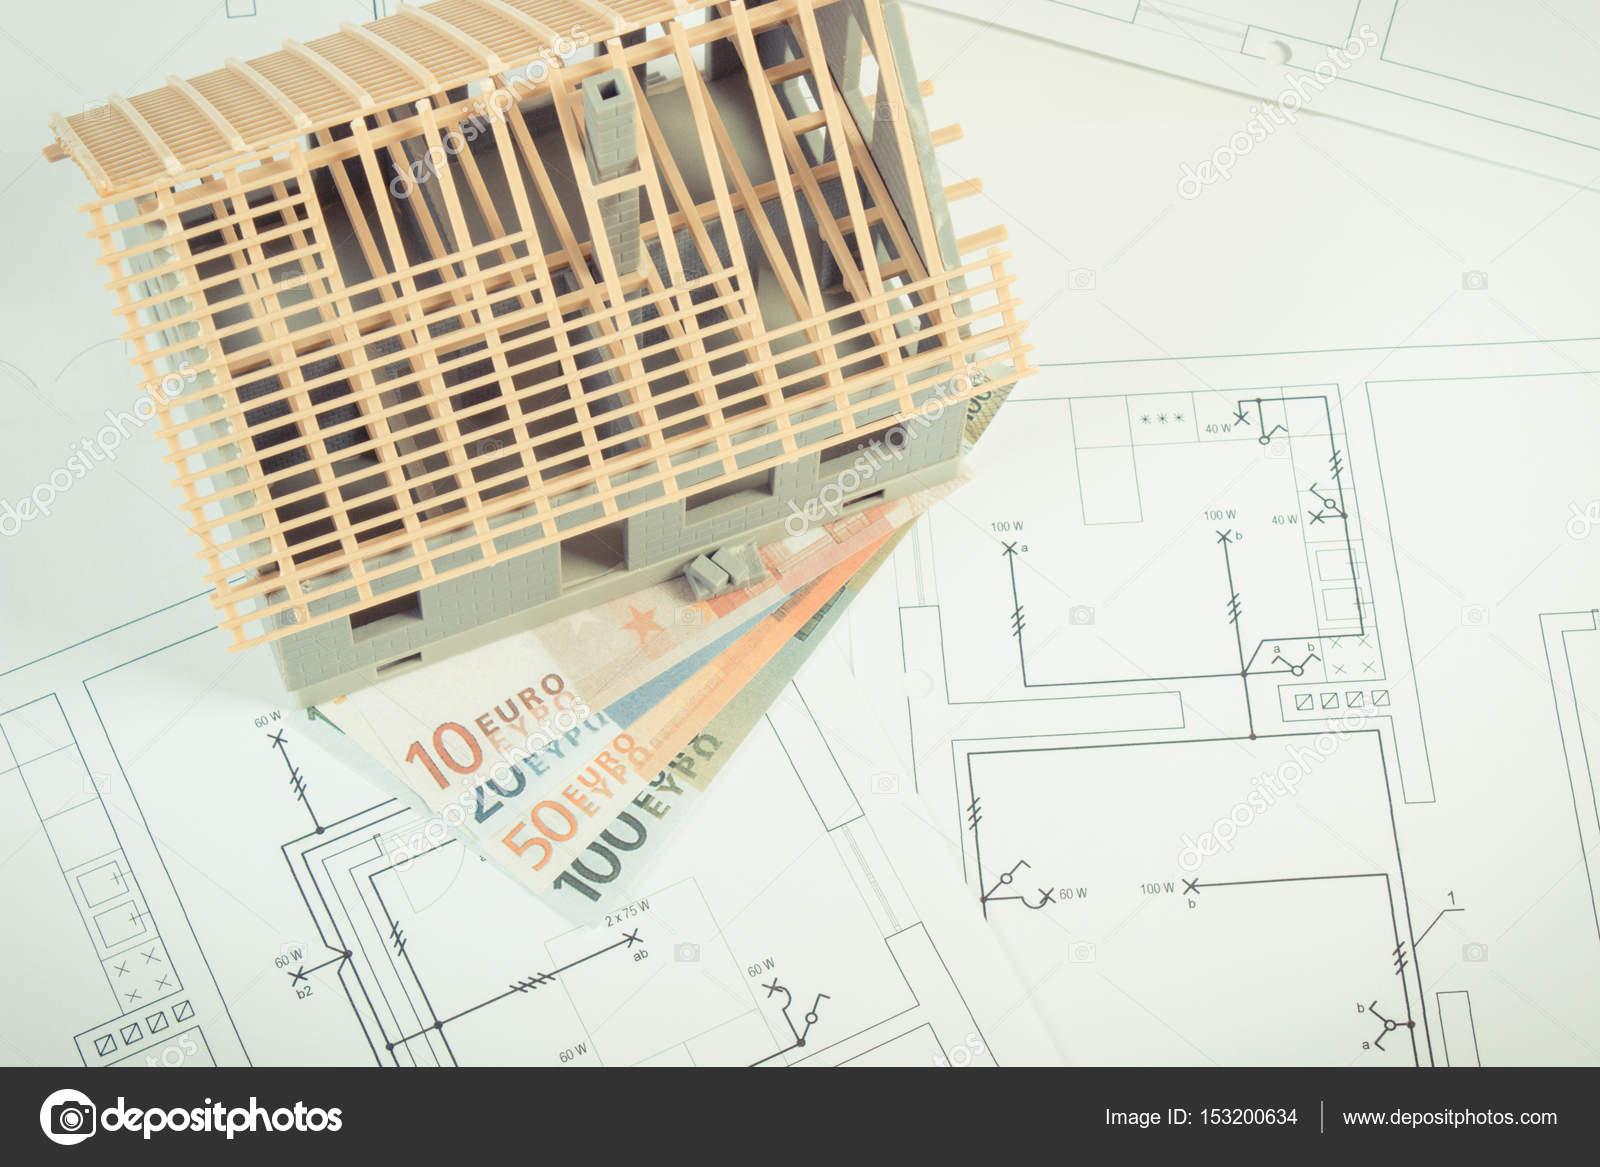 Haus Im Bau Und Währungen Euro Auf Elektrische Zeichnungen Und Diagramme  Für Projekt, Heimat Kosten